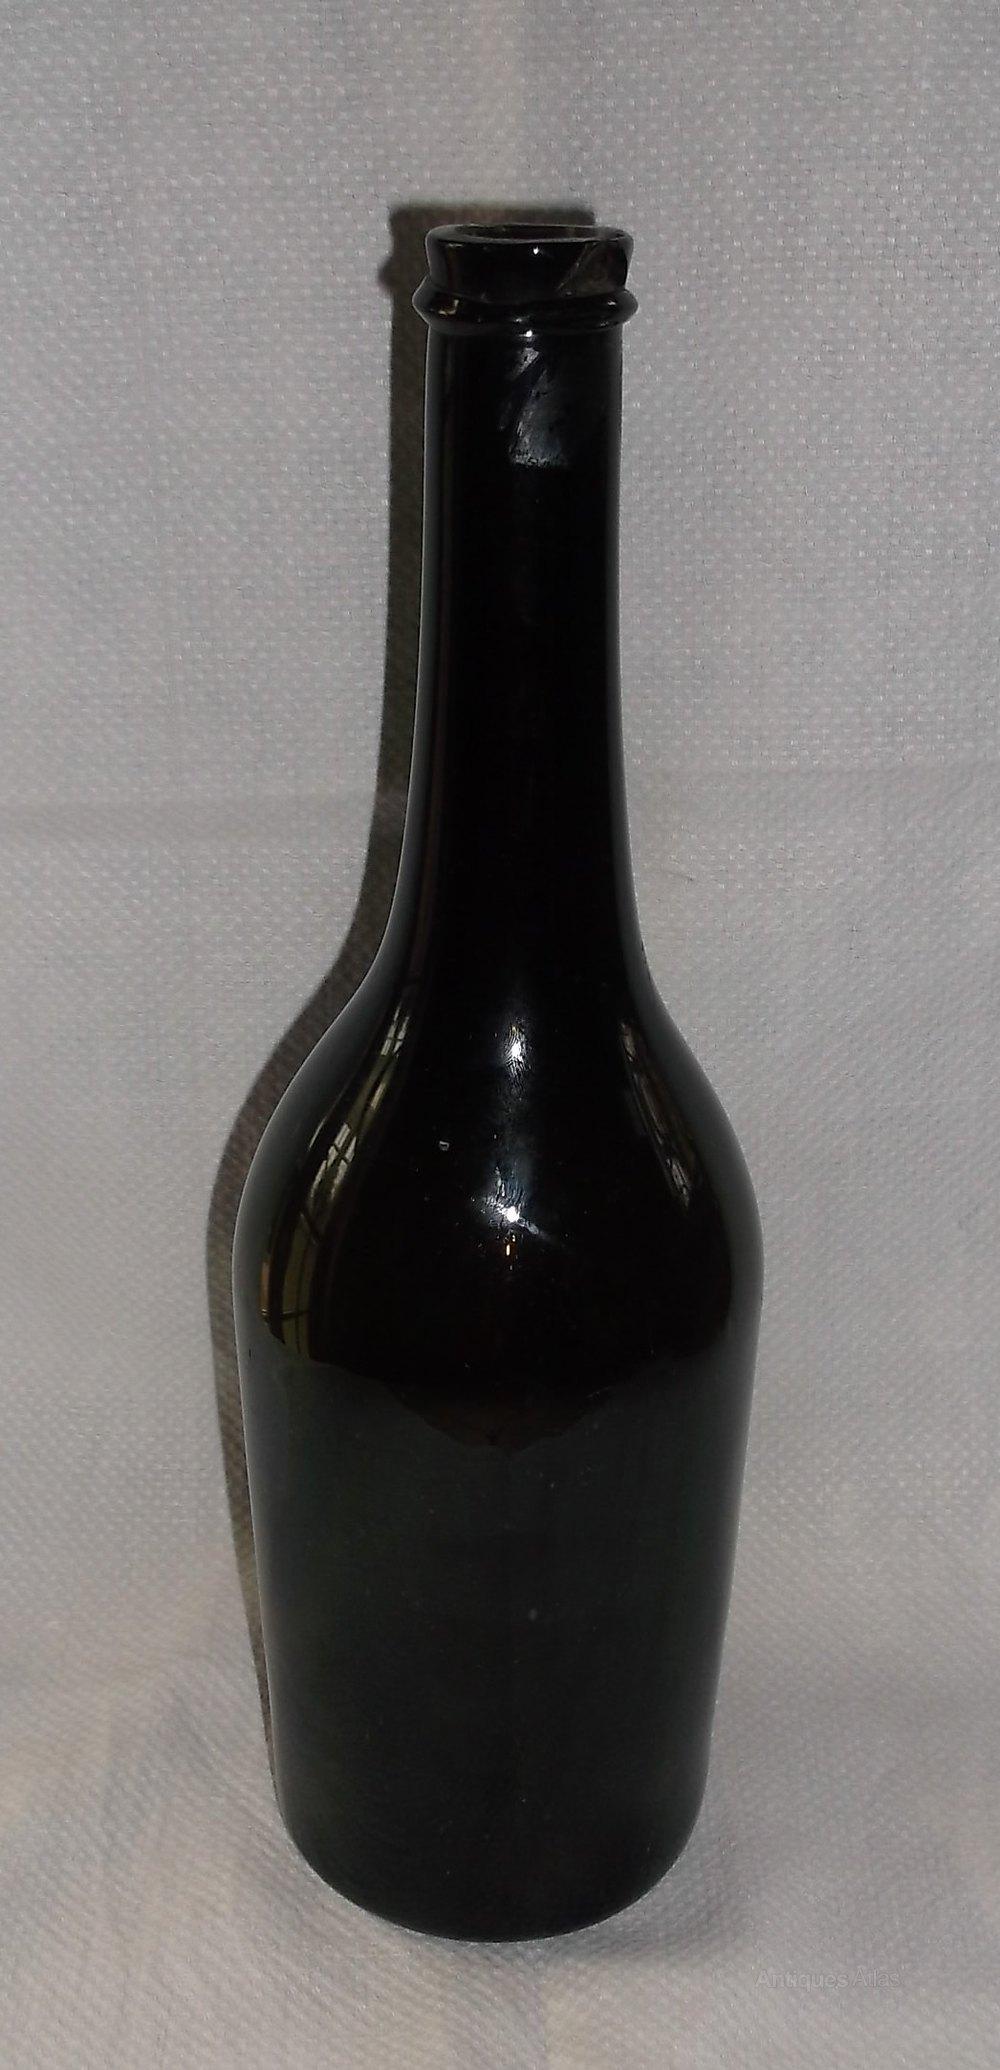 Antiques atlas 19th century green glass wine bottle for Glass bottles for wine